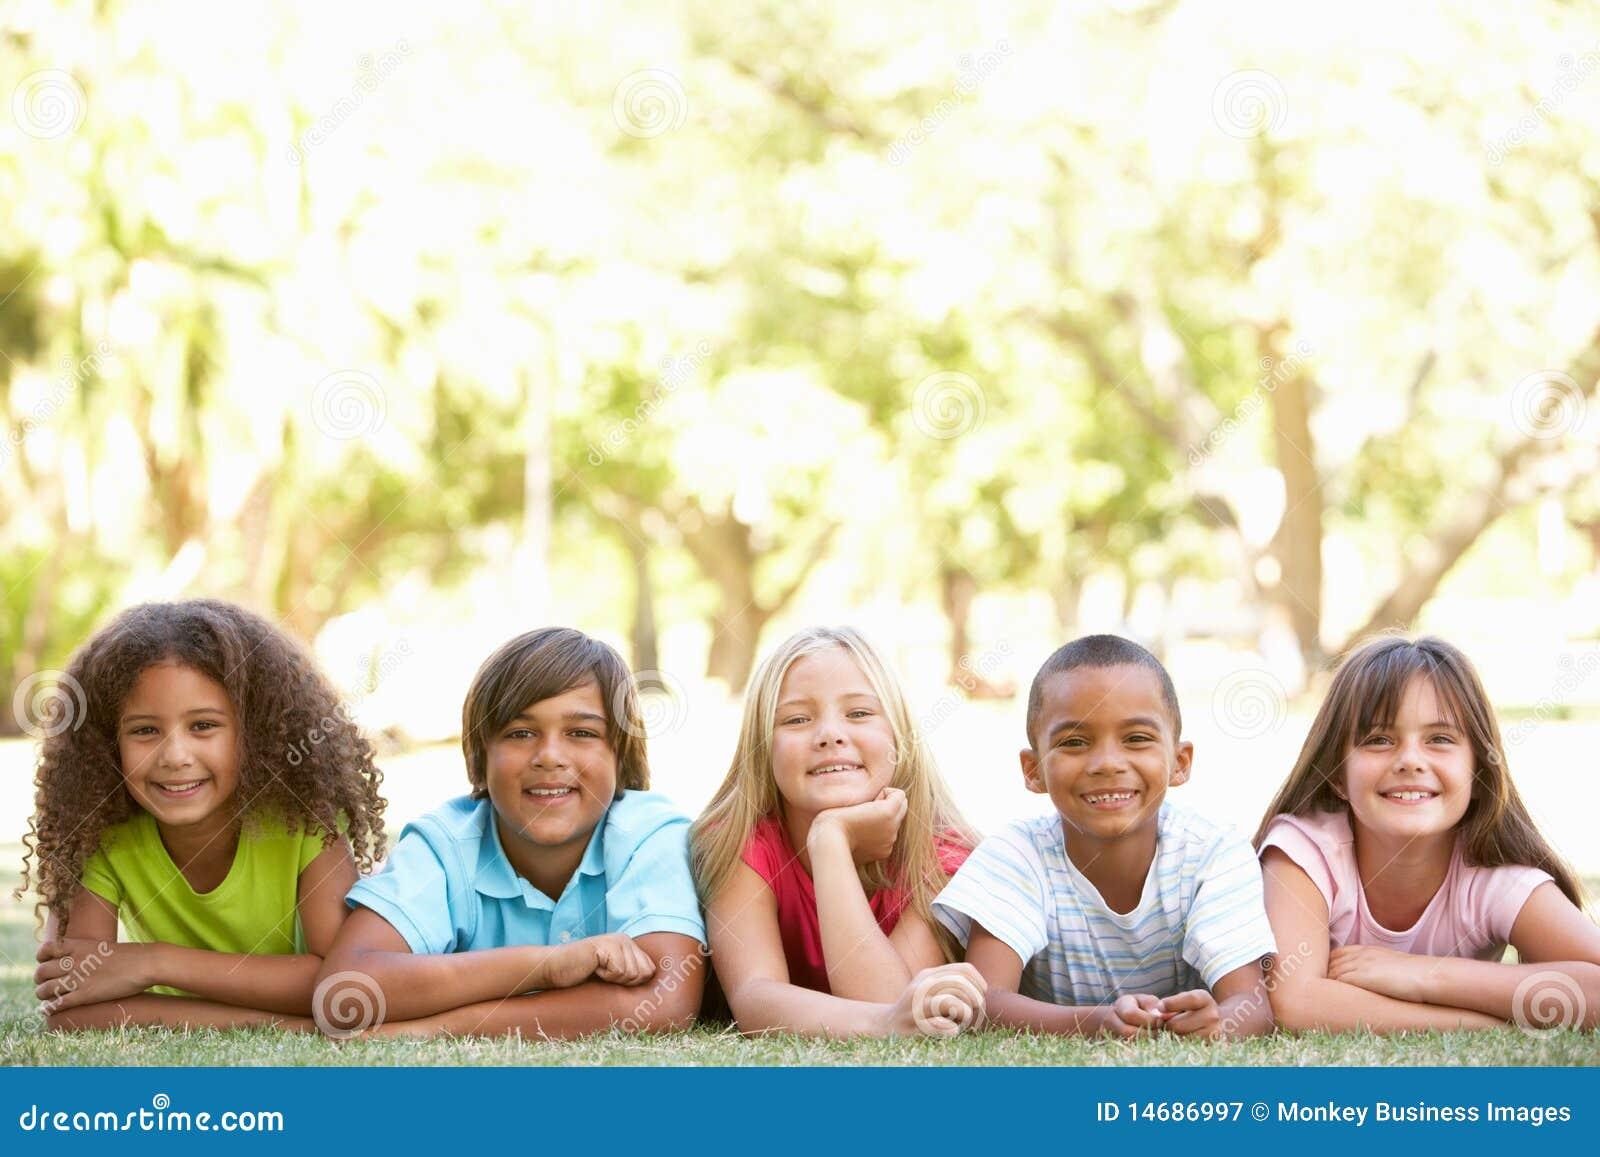 Gruppe Kinder, die auf Mägen im Park liegen